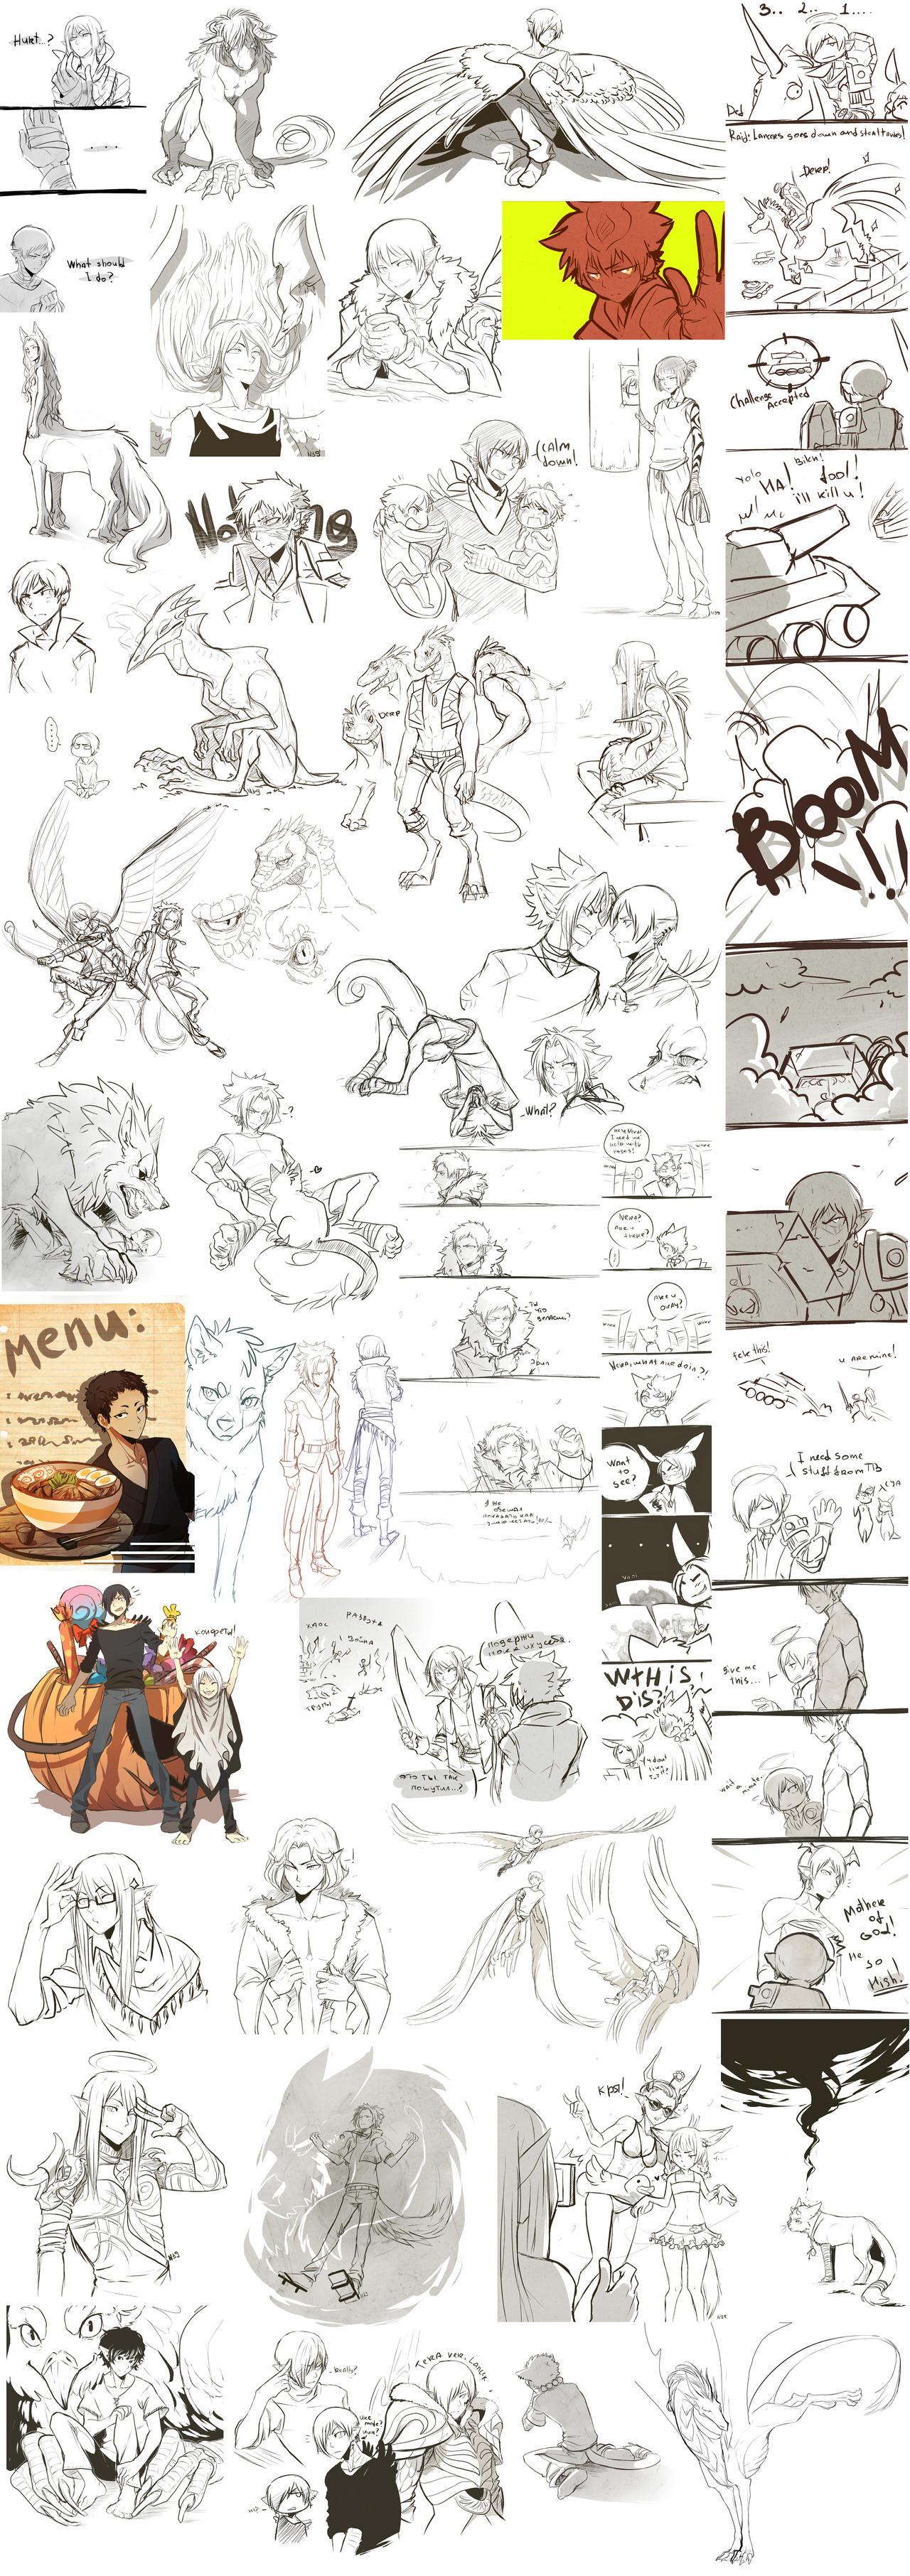 Sketch_010